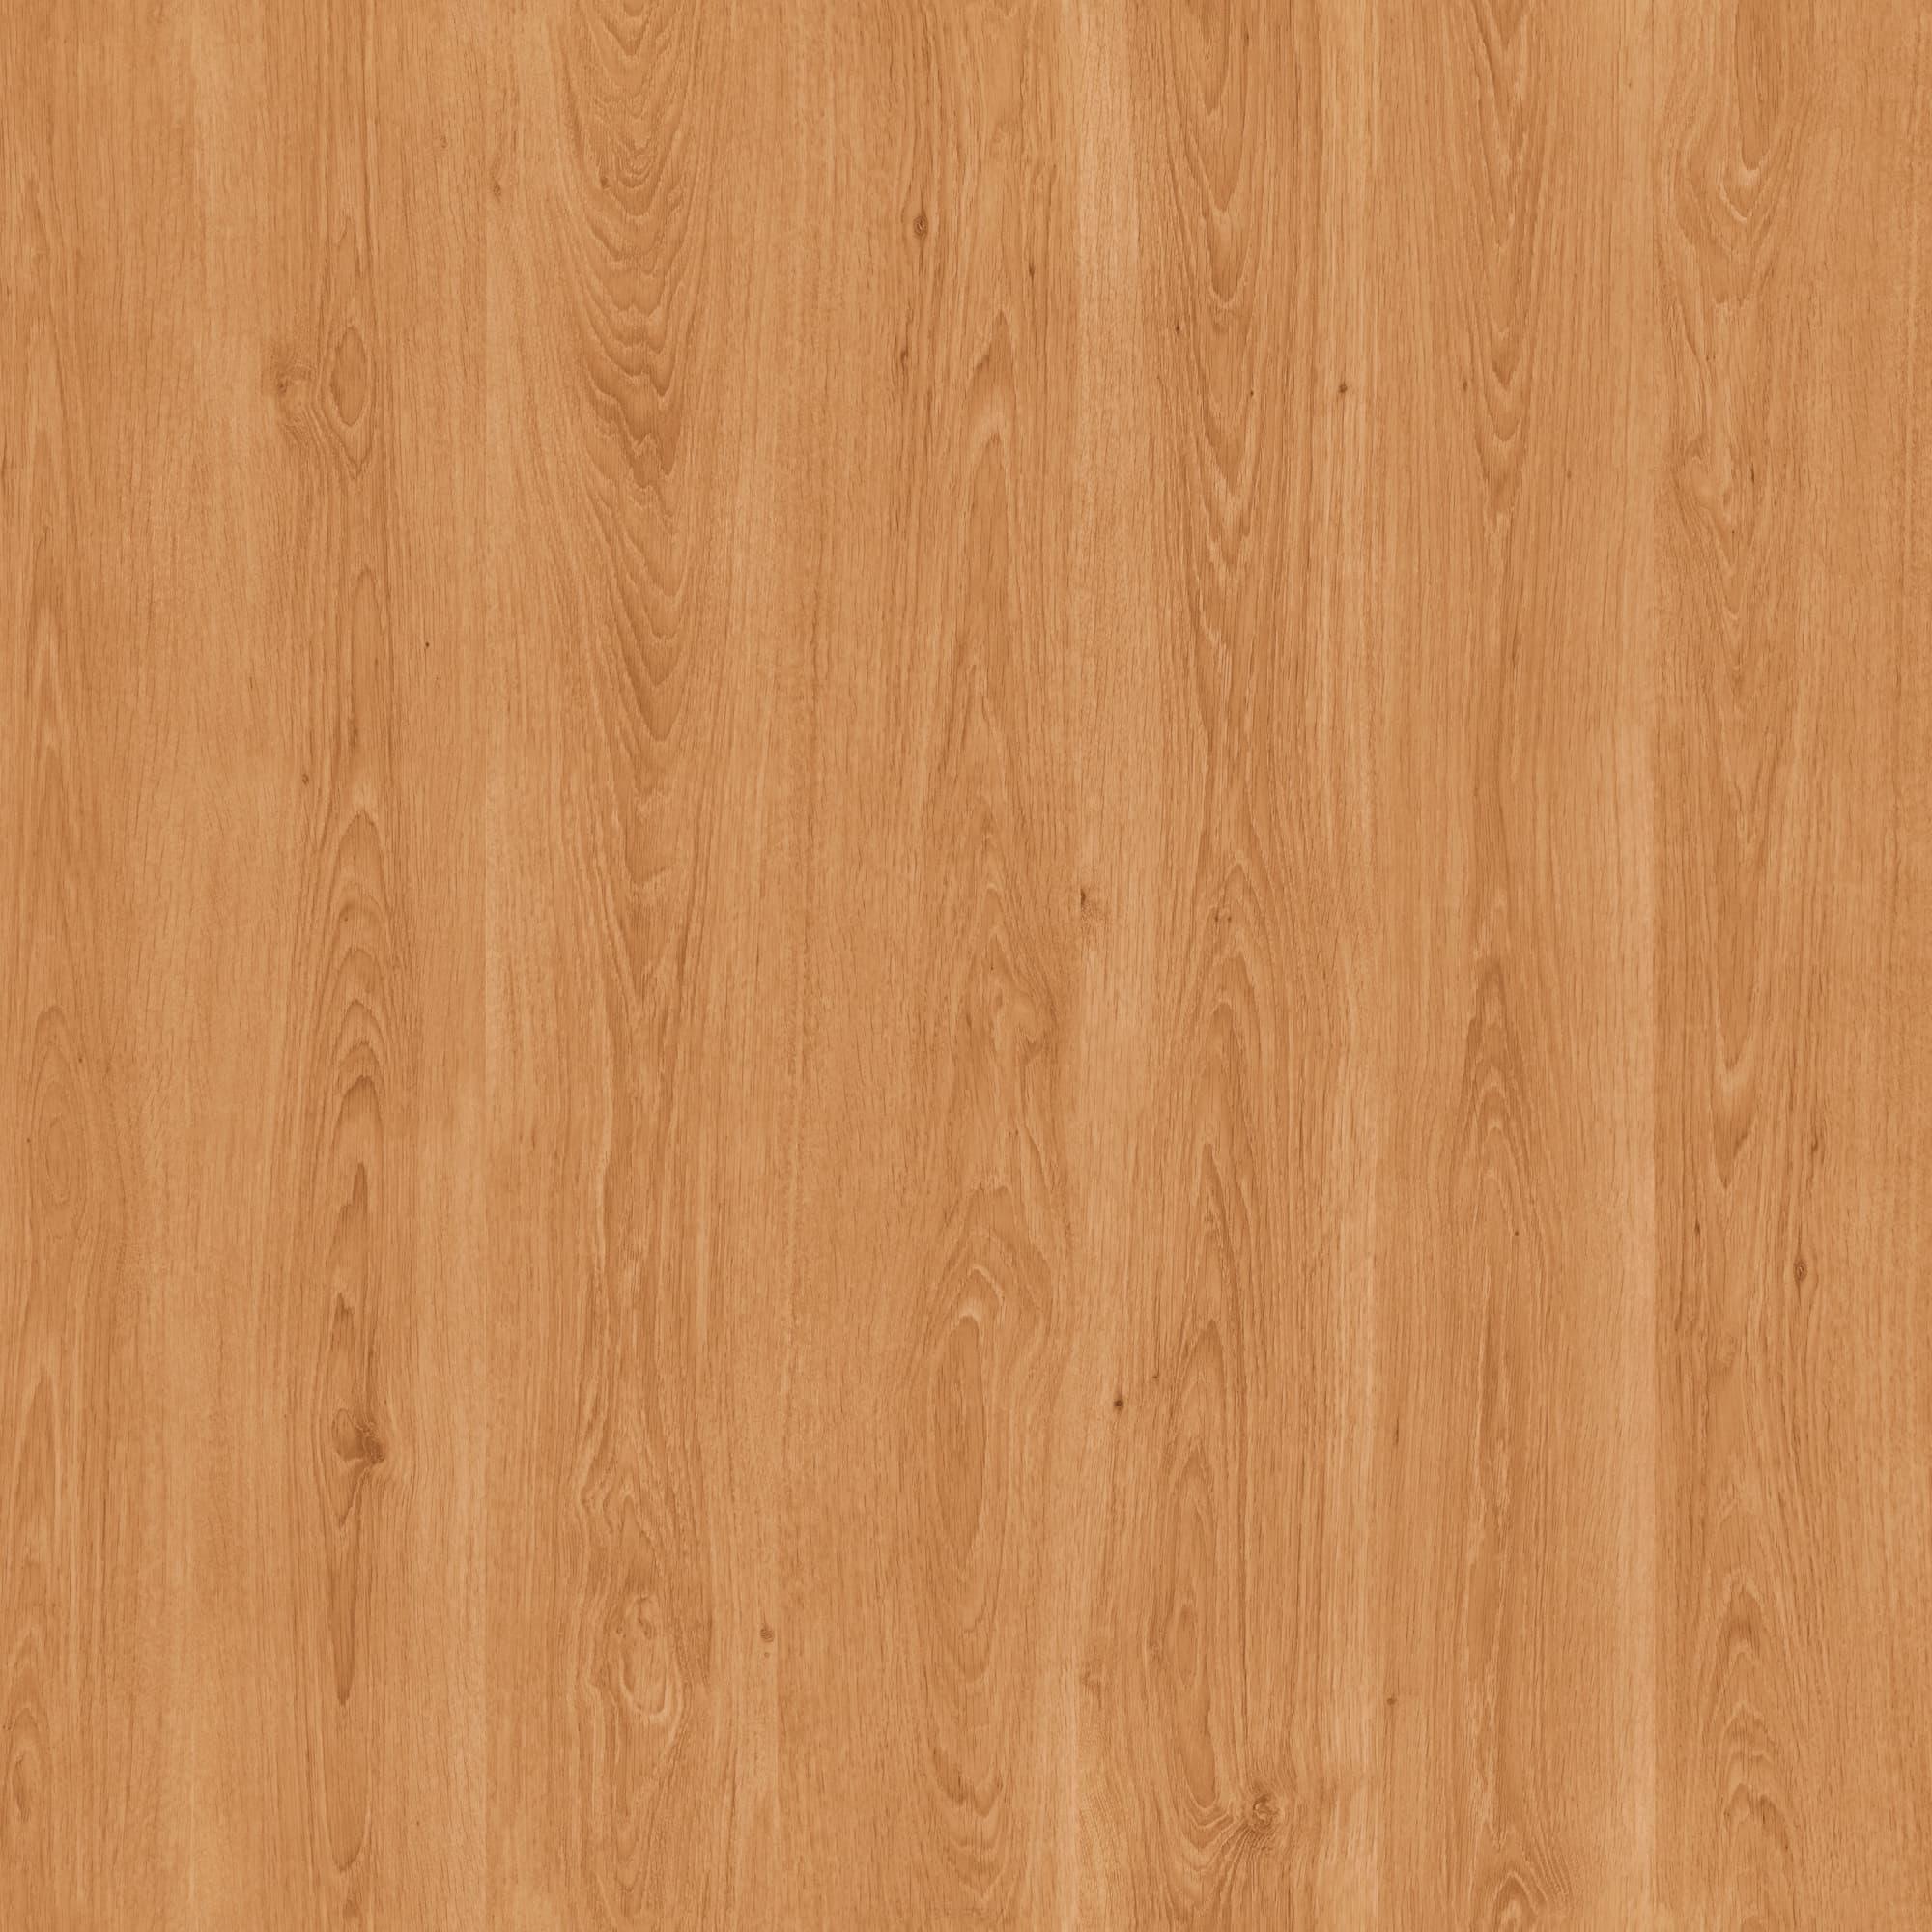 Имидж Мастер, Шкаф-стеллаж для салона красоты №1 одинарный (16 цветов) Ольха